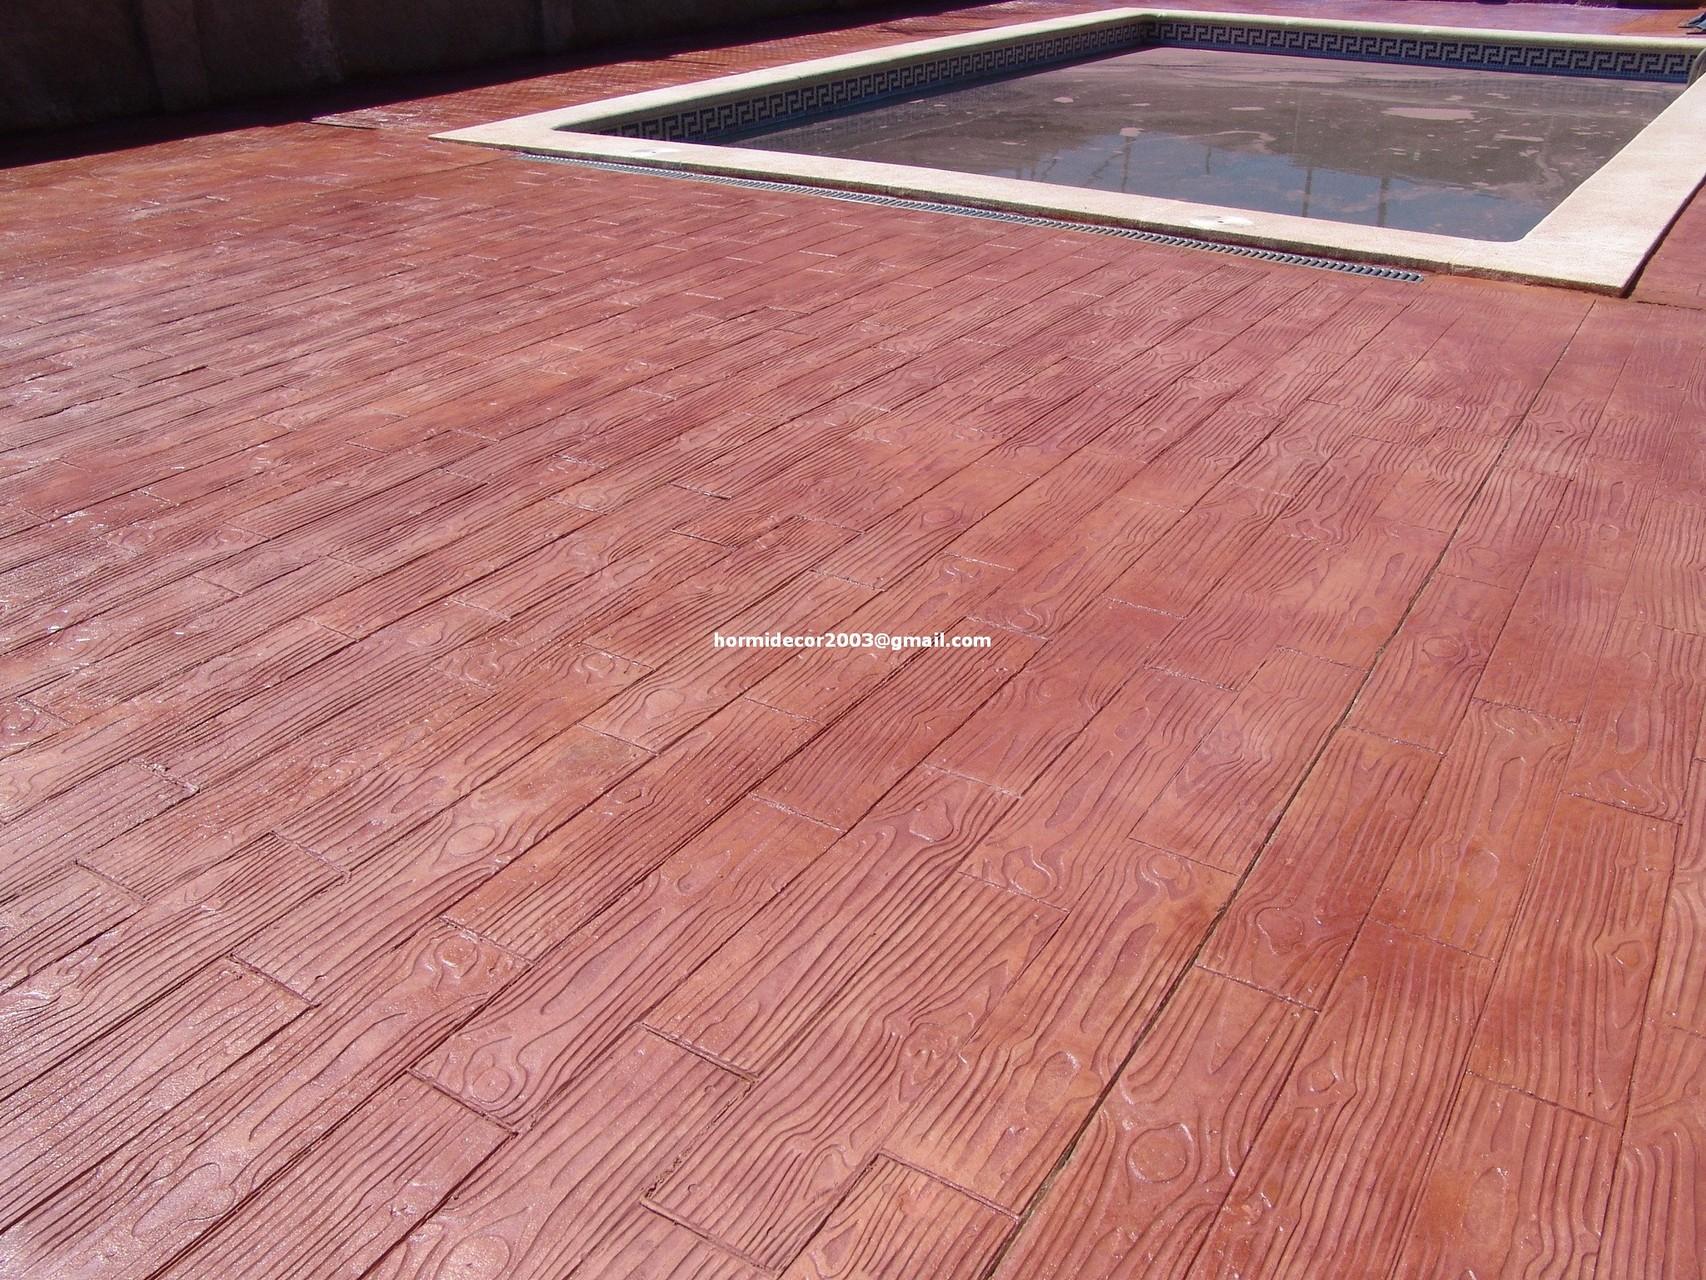 Pavimento de hormigon tarragona elegant hormigon impreso for Hormigon impreso girona